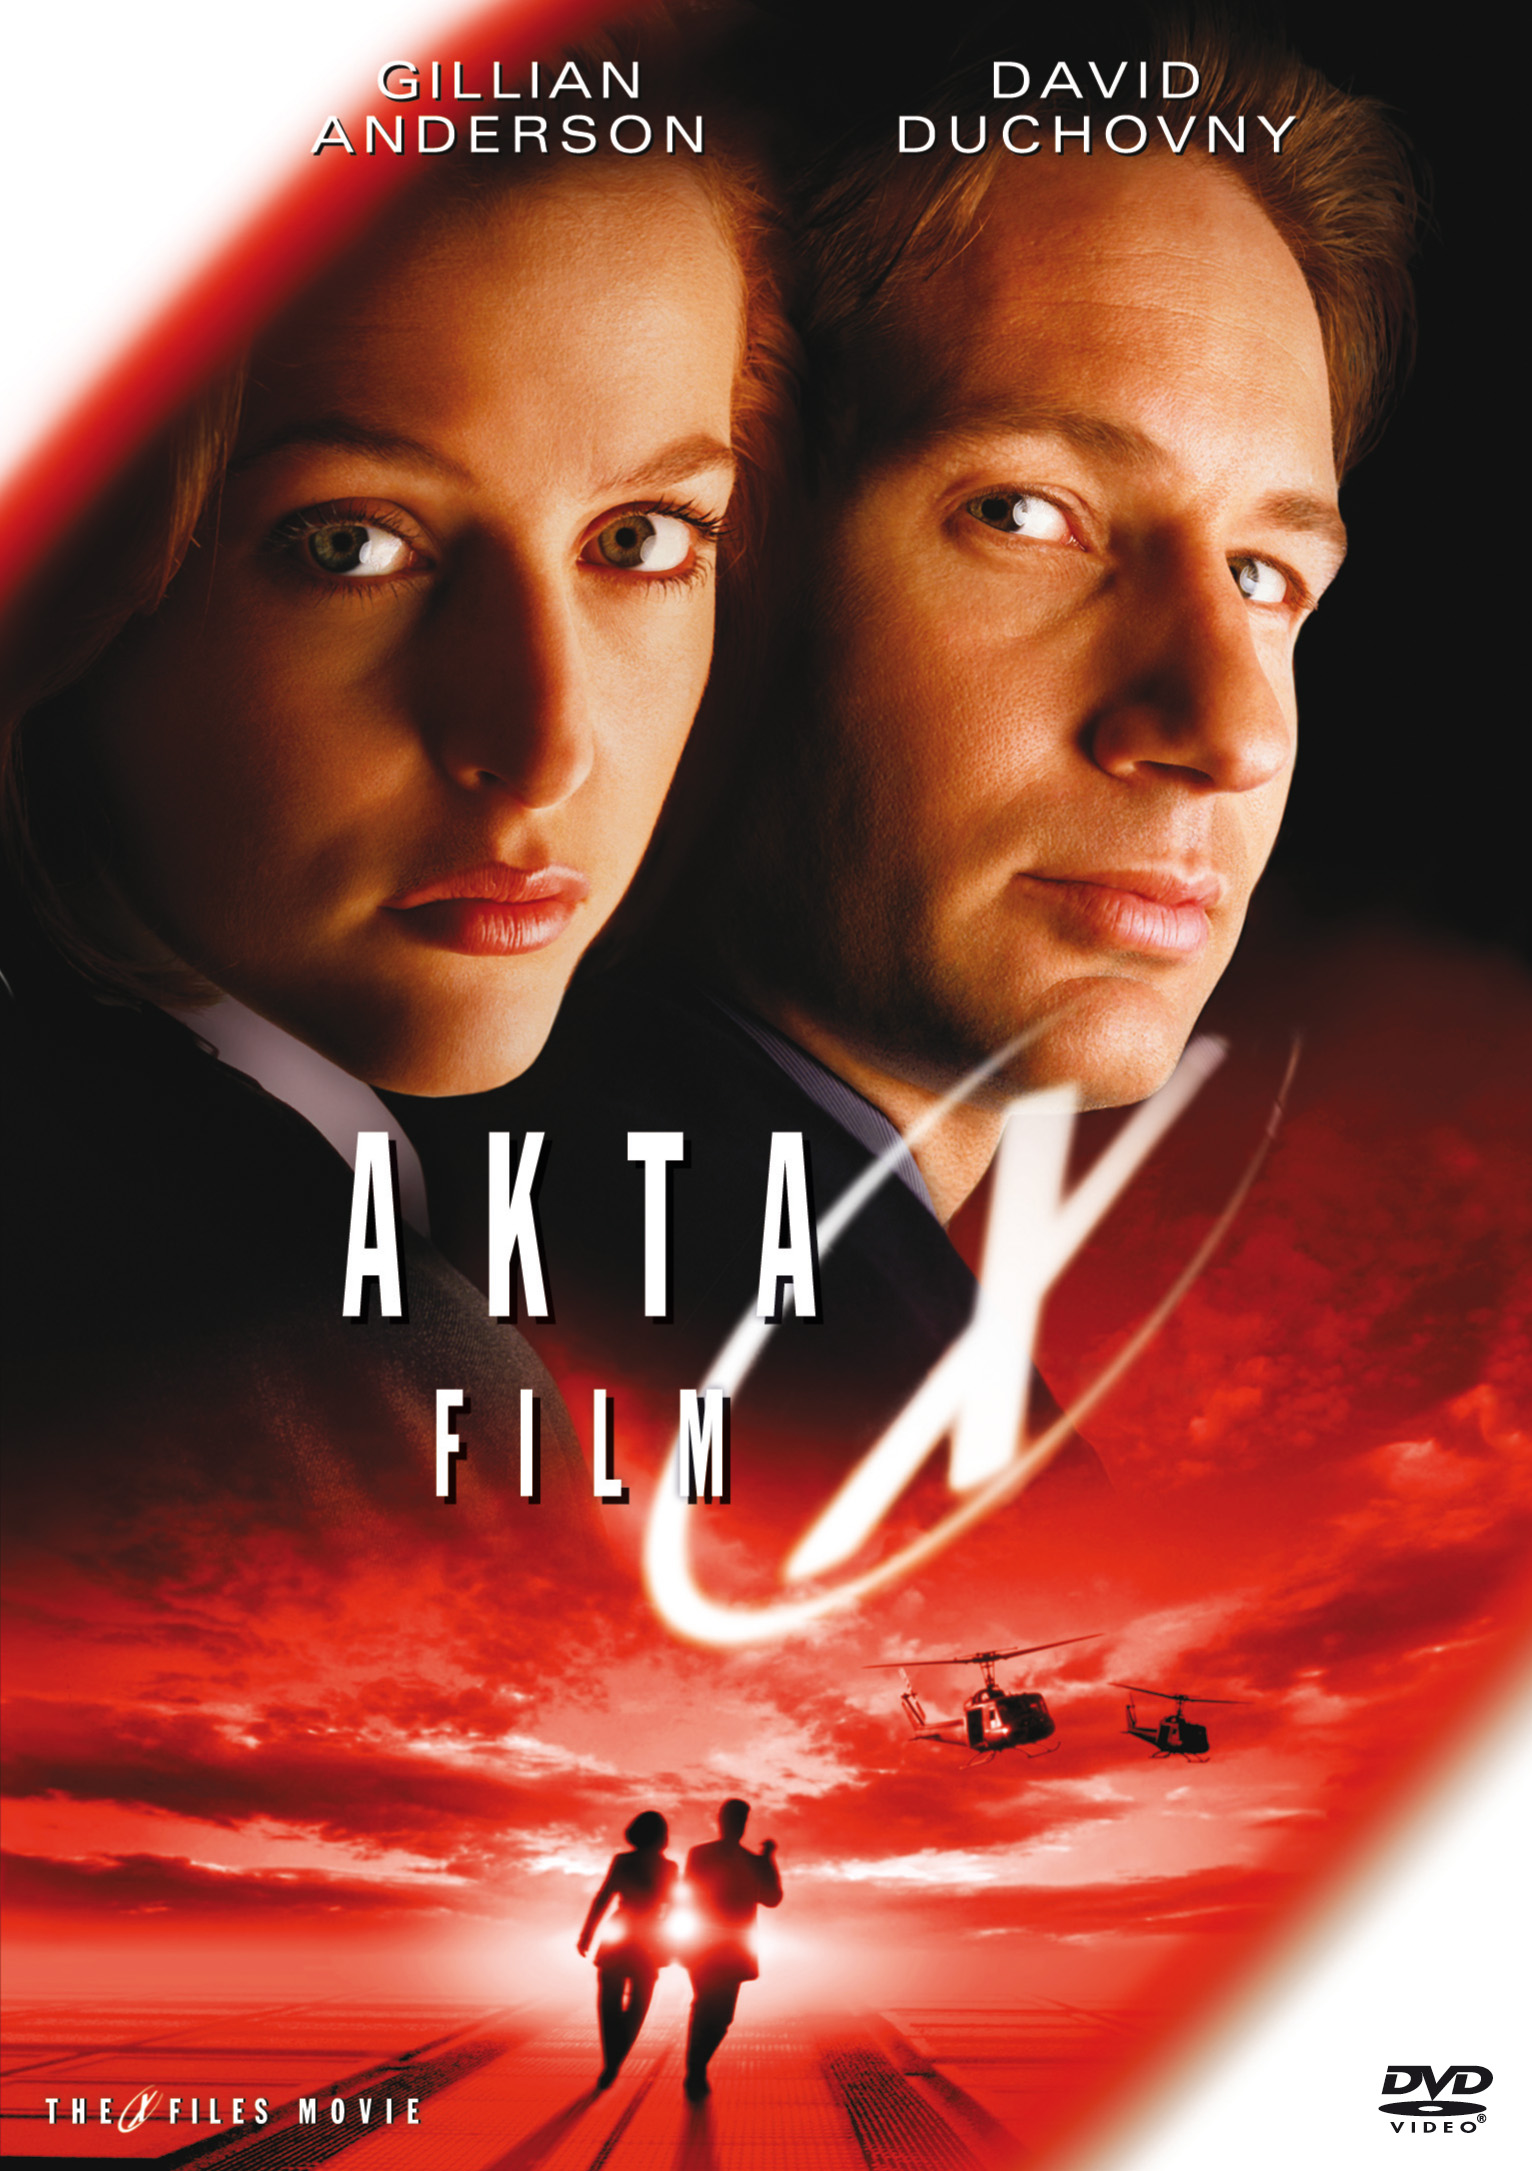 Film Akta X - Film ke stažení - Film Akta X - Film download